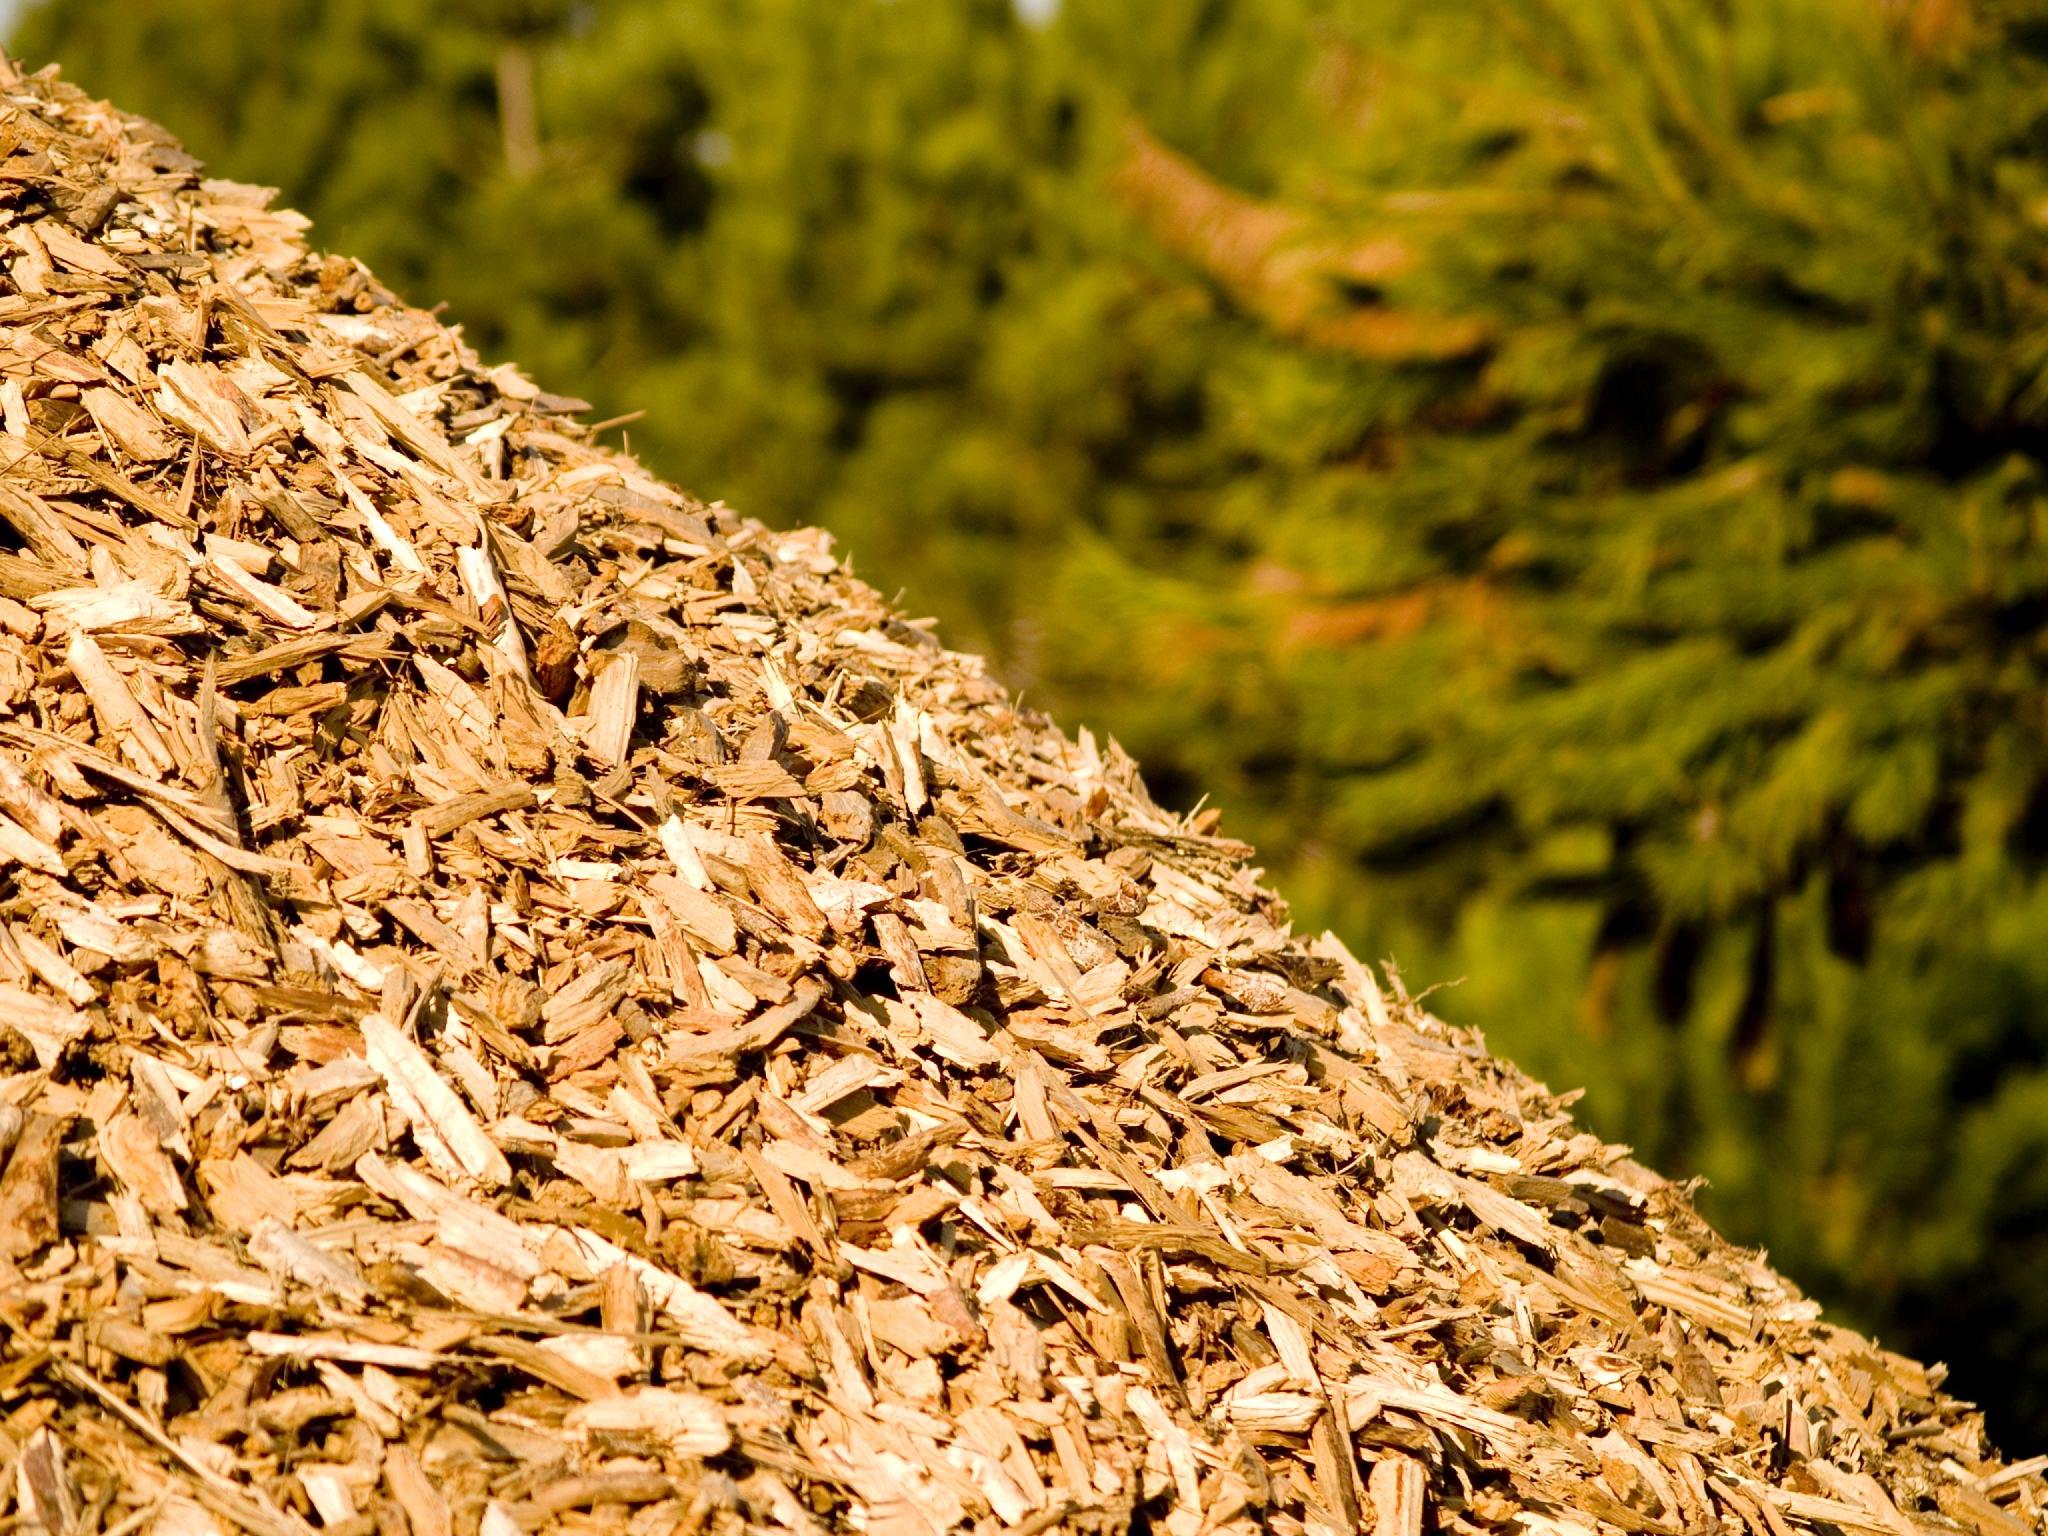 Propostas para controlar efeitos das Centrais de Biomassa nas populações e nos ecossistemas são apresentadas pelo Bloco de Esquerda